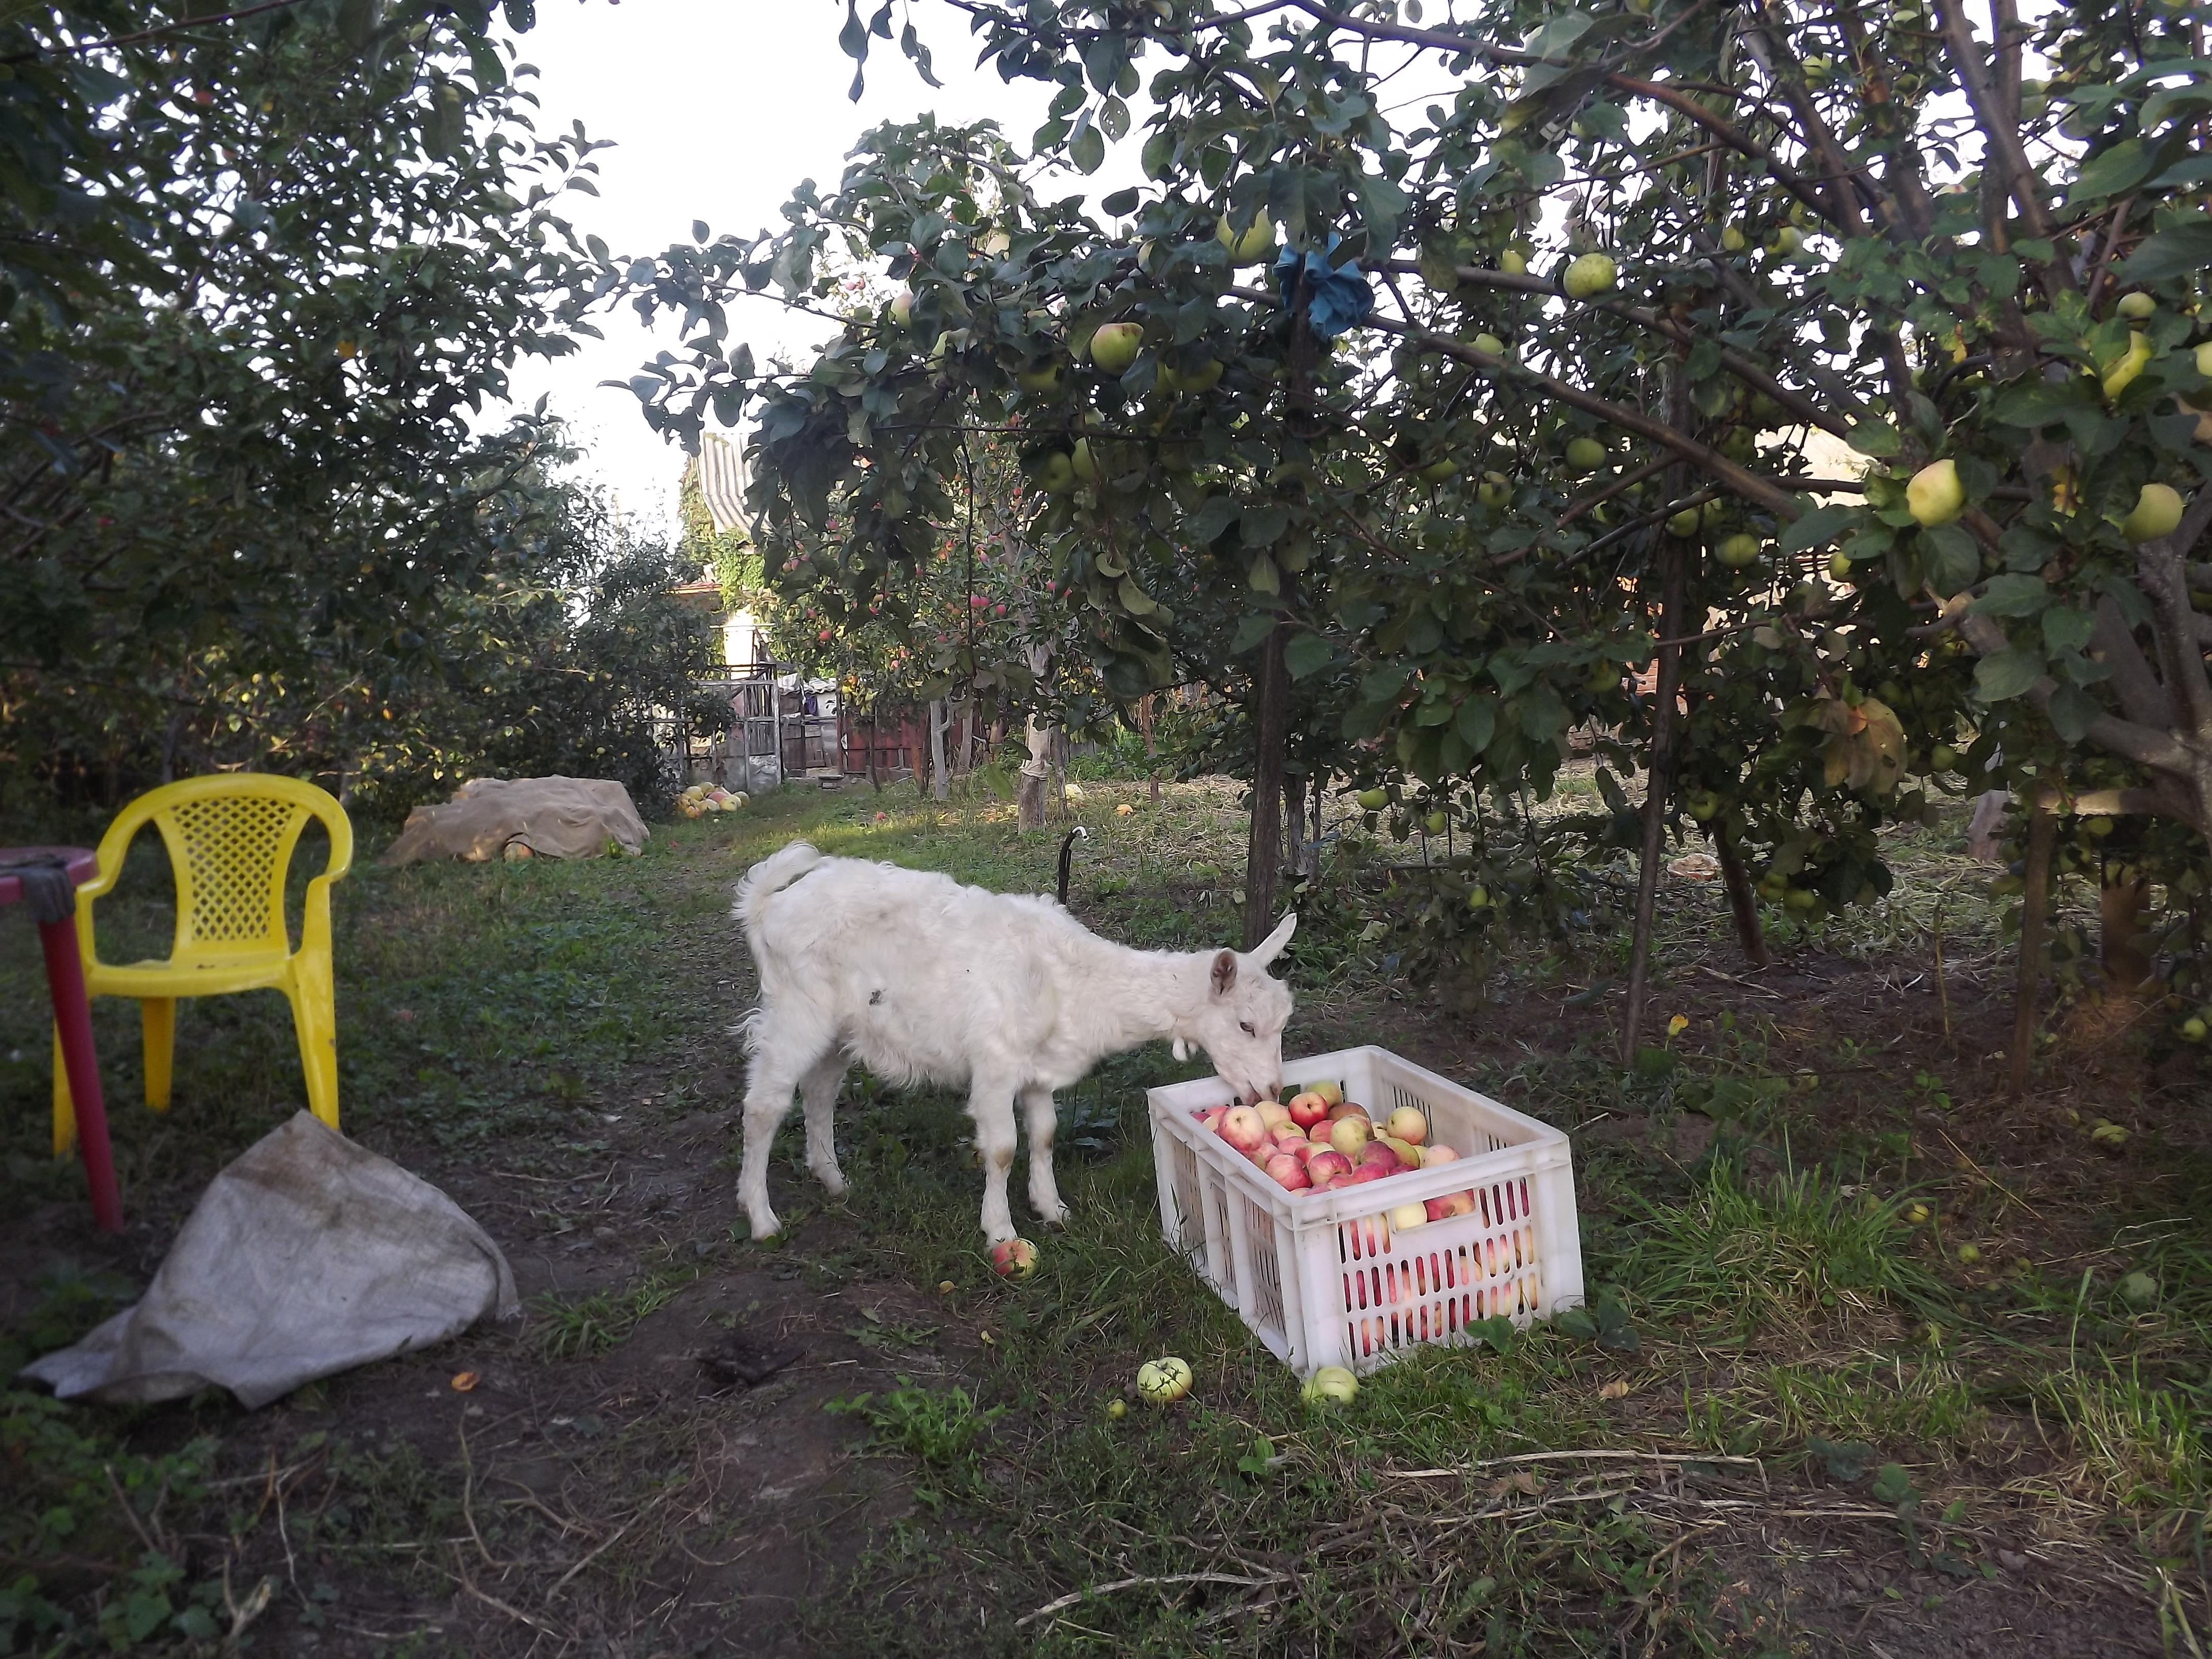 белые, отчаянно пустить козла в огород картинки далекие